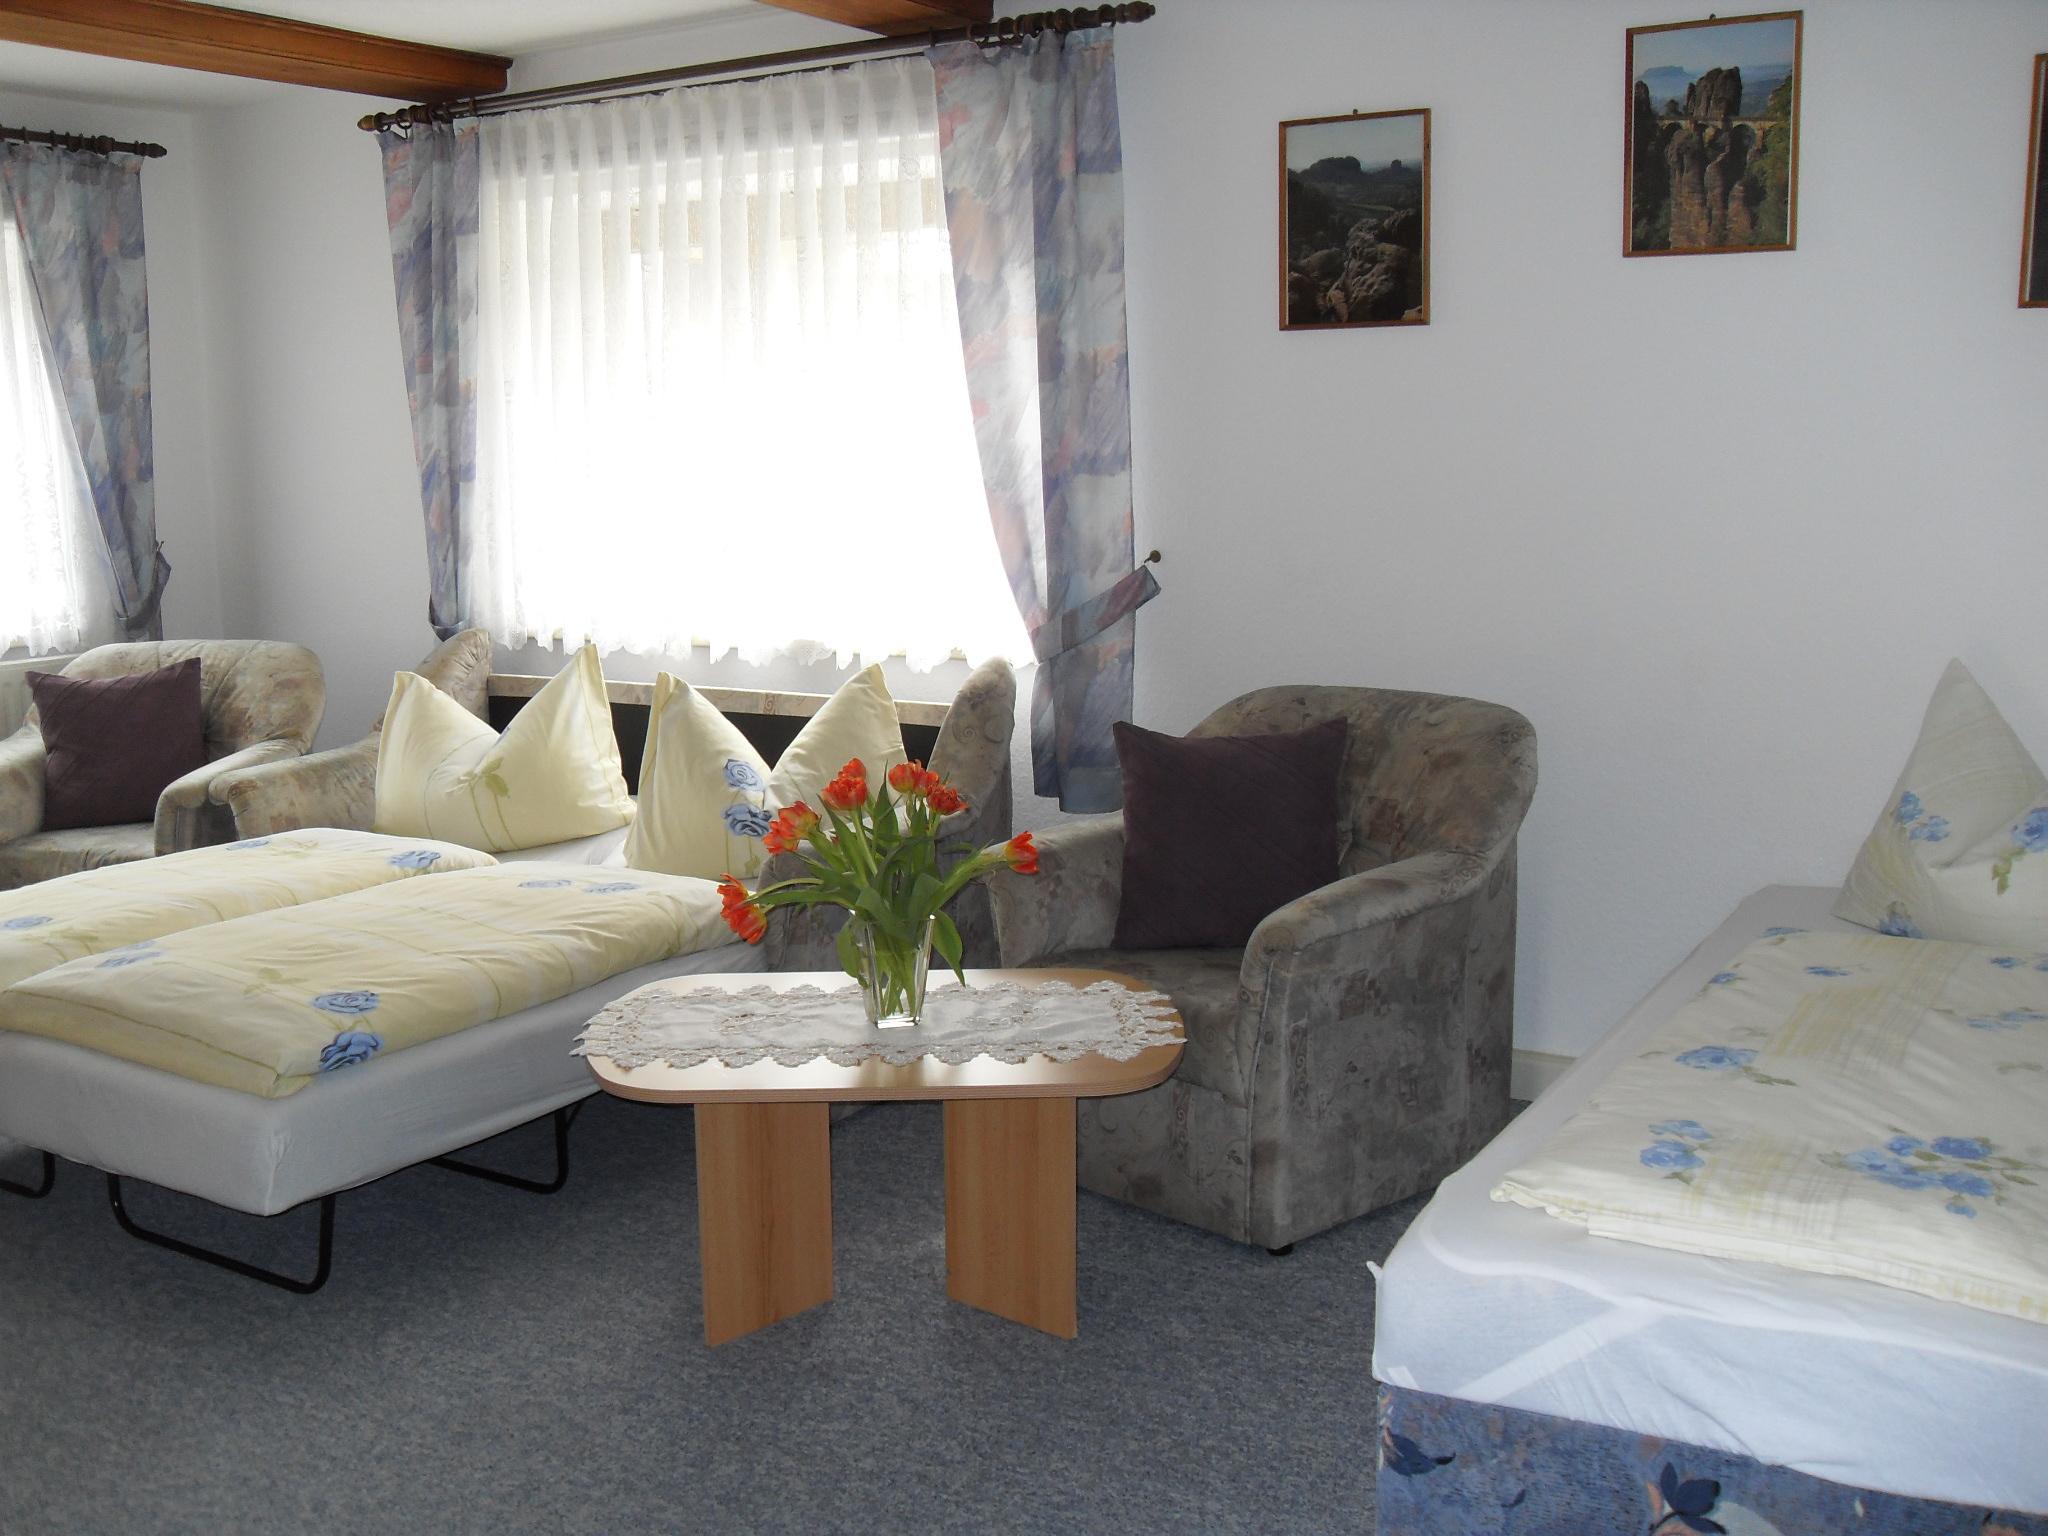 ferienwohnung mergen ferienwohnung 1. Black Bedroom Furniture Sets. Home Design Ideas